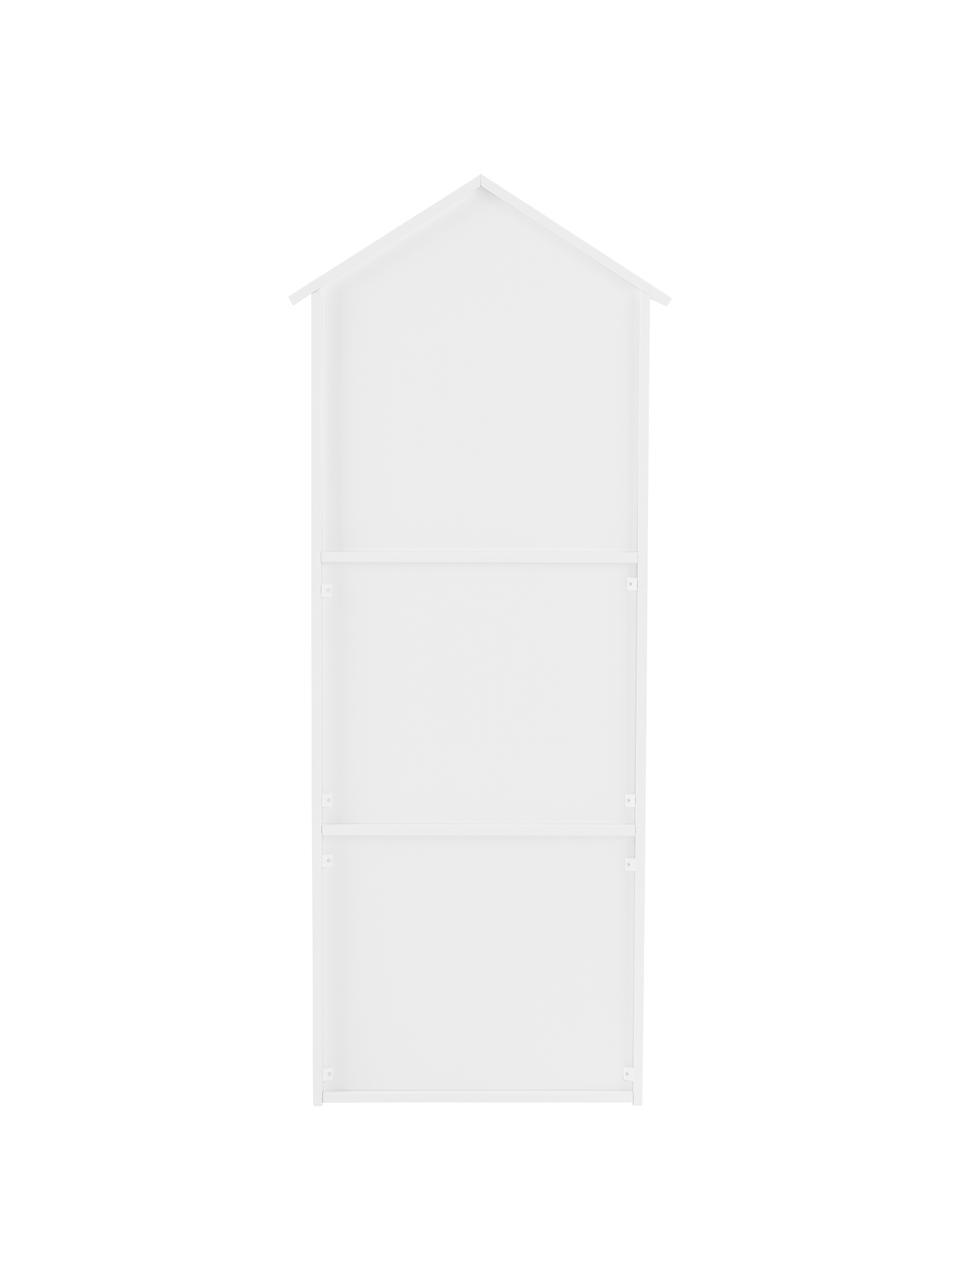 Kinder-Regal Sevilla, Mitteldichte Holzfaserplatte (MDF), beschichtet, Weiß, 40 x 117 cm